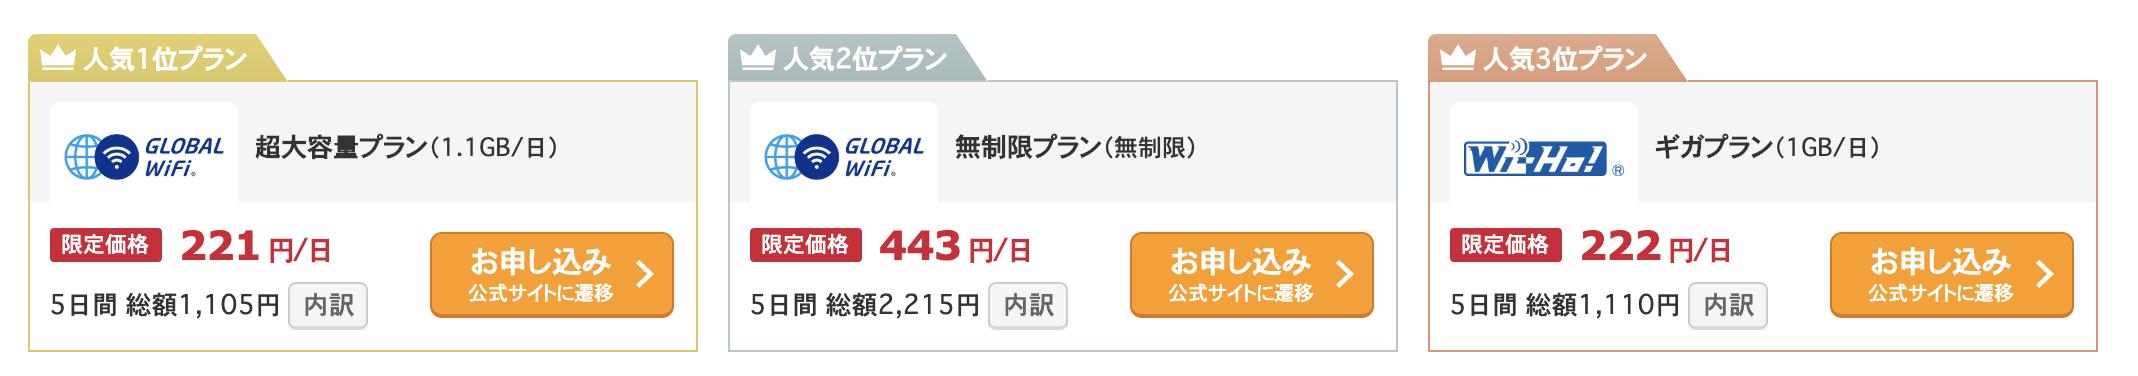 価格コムの海外WiFiのレンタル料金